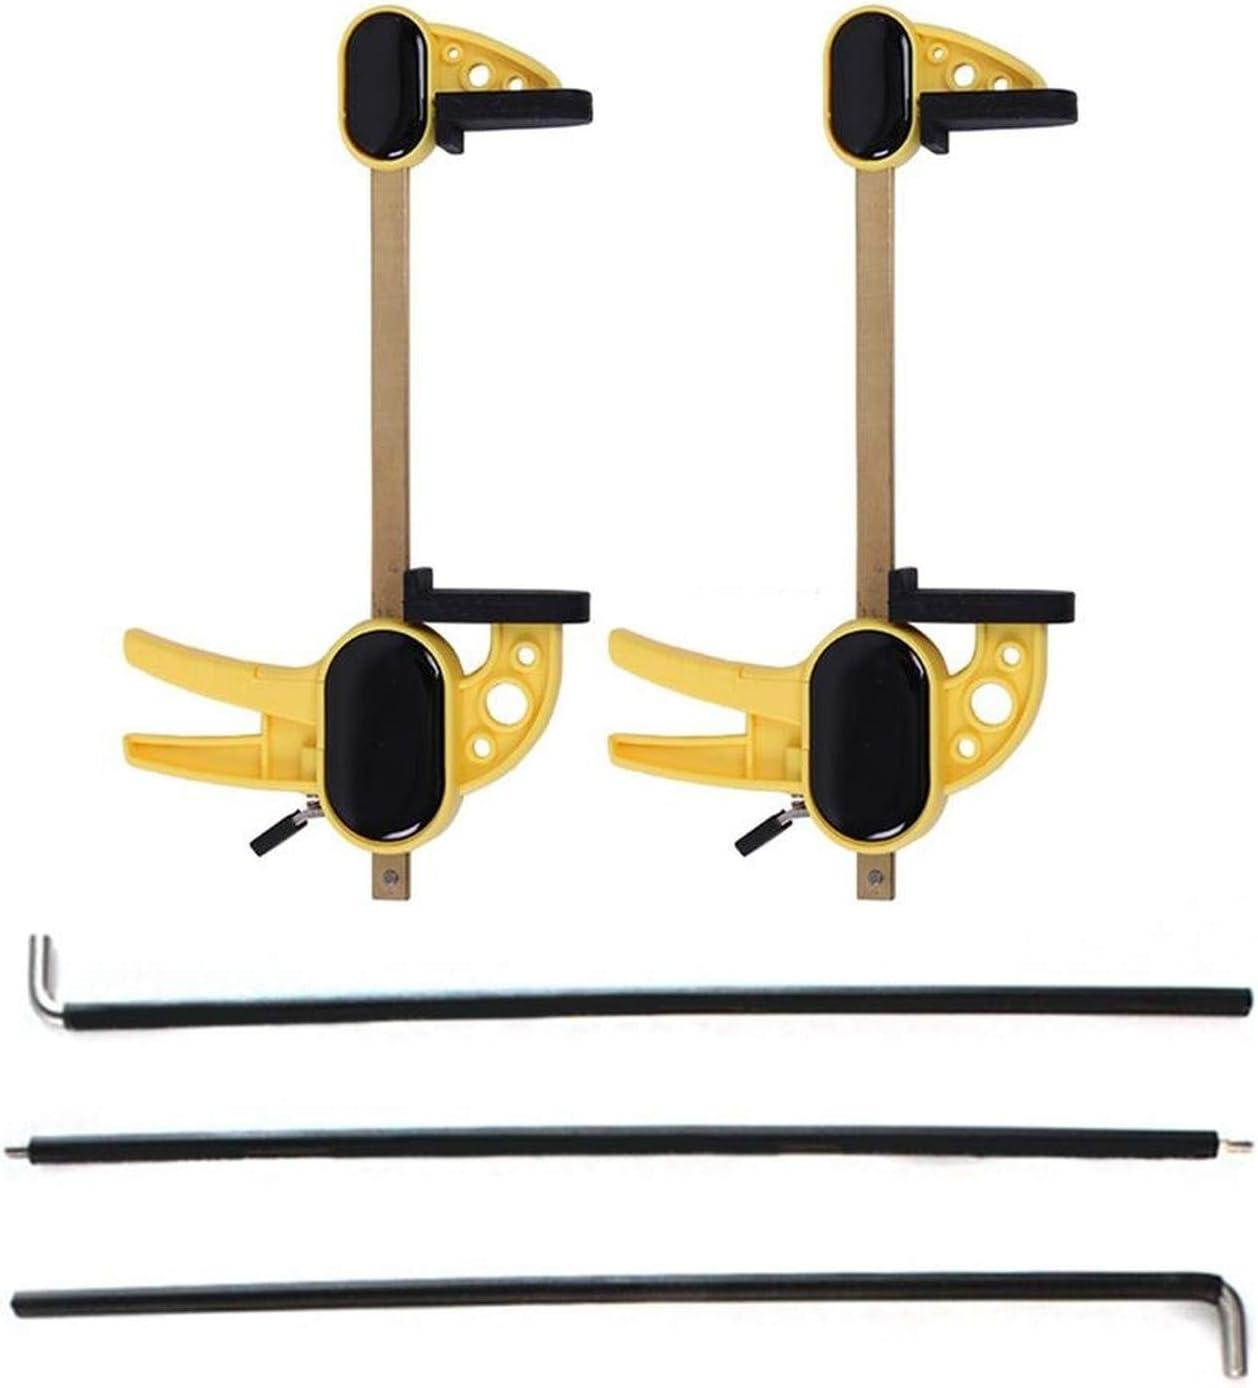 Ortesis de gestos de mano para piano, enderezador de dedos, muñequeras para ejercitador, corrector de gestos tipo para principiantes (amarillo)